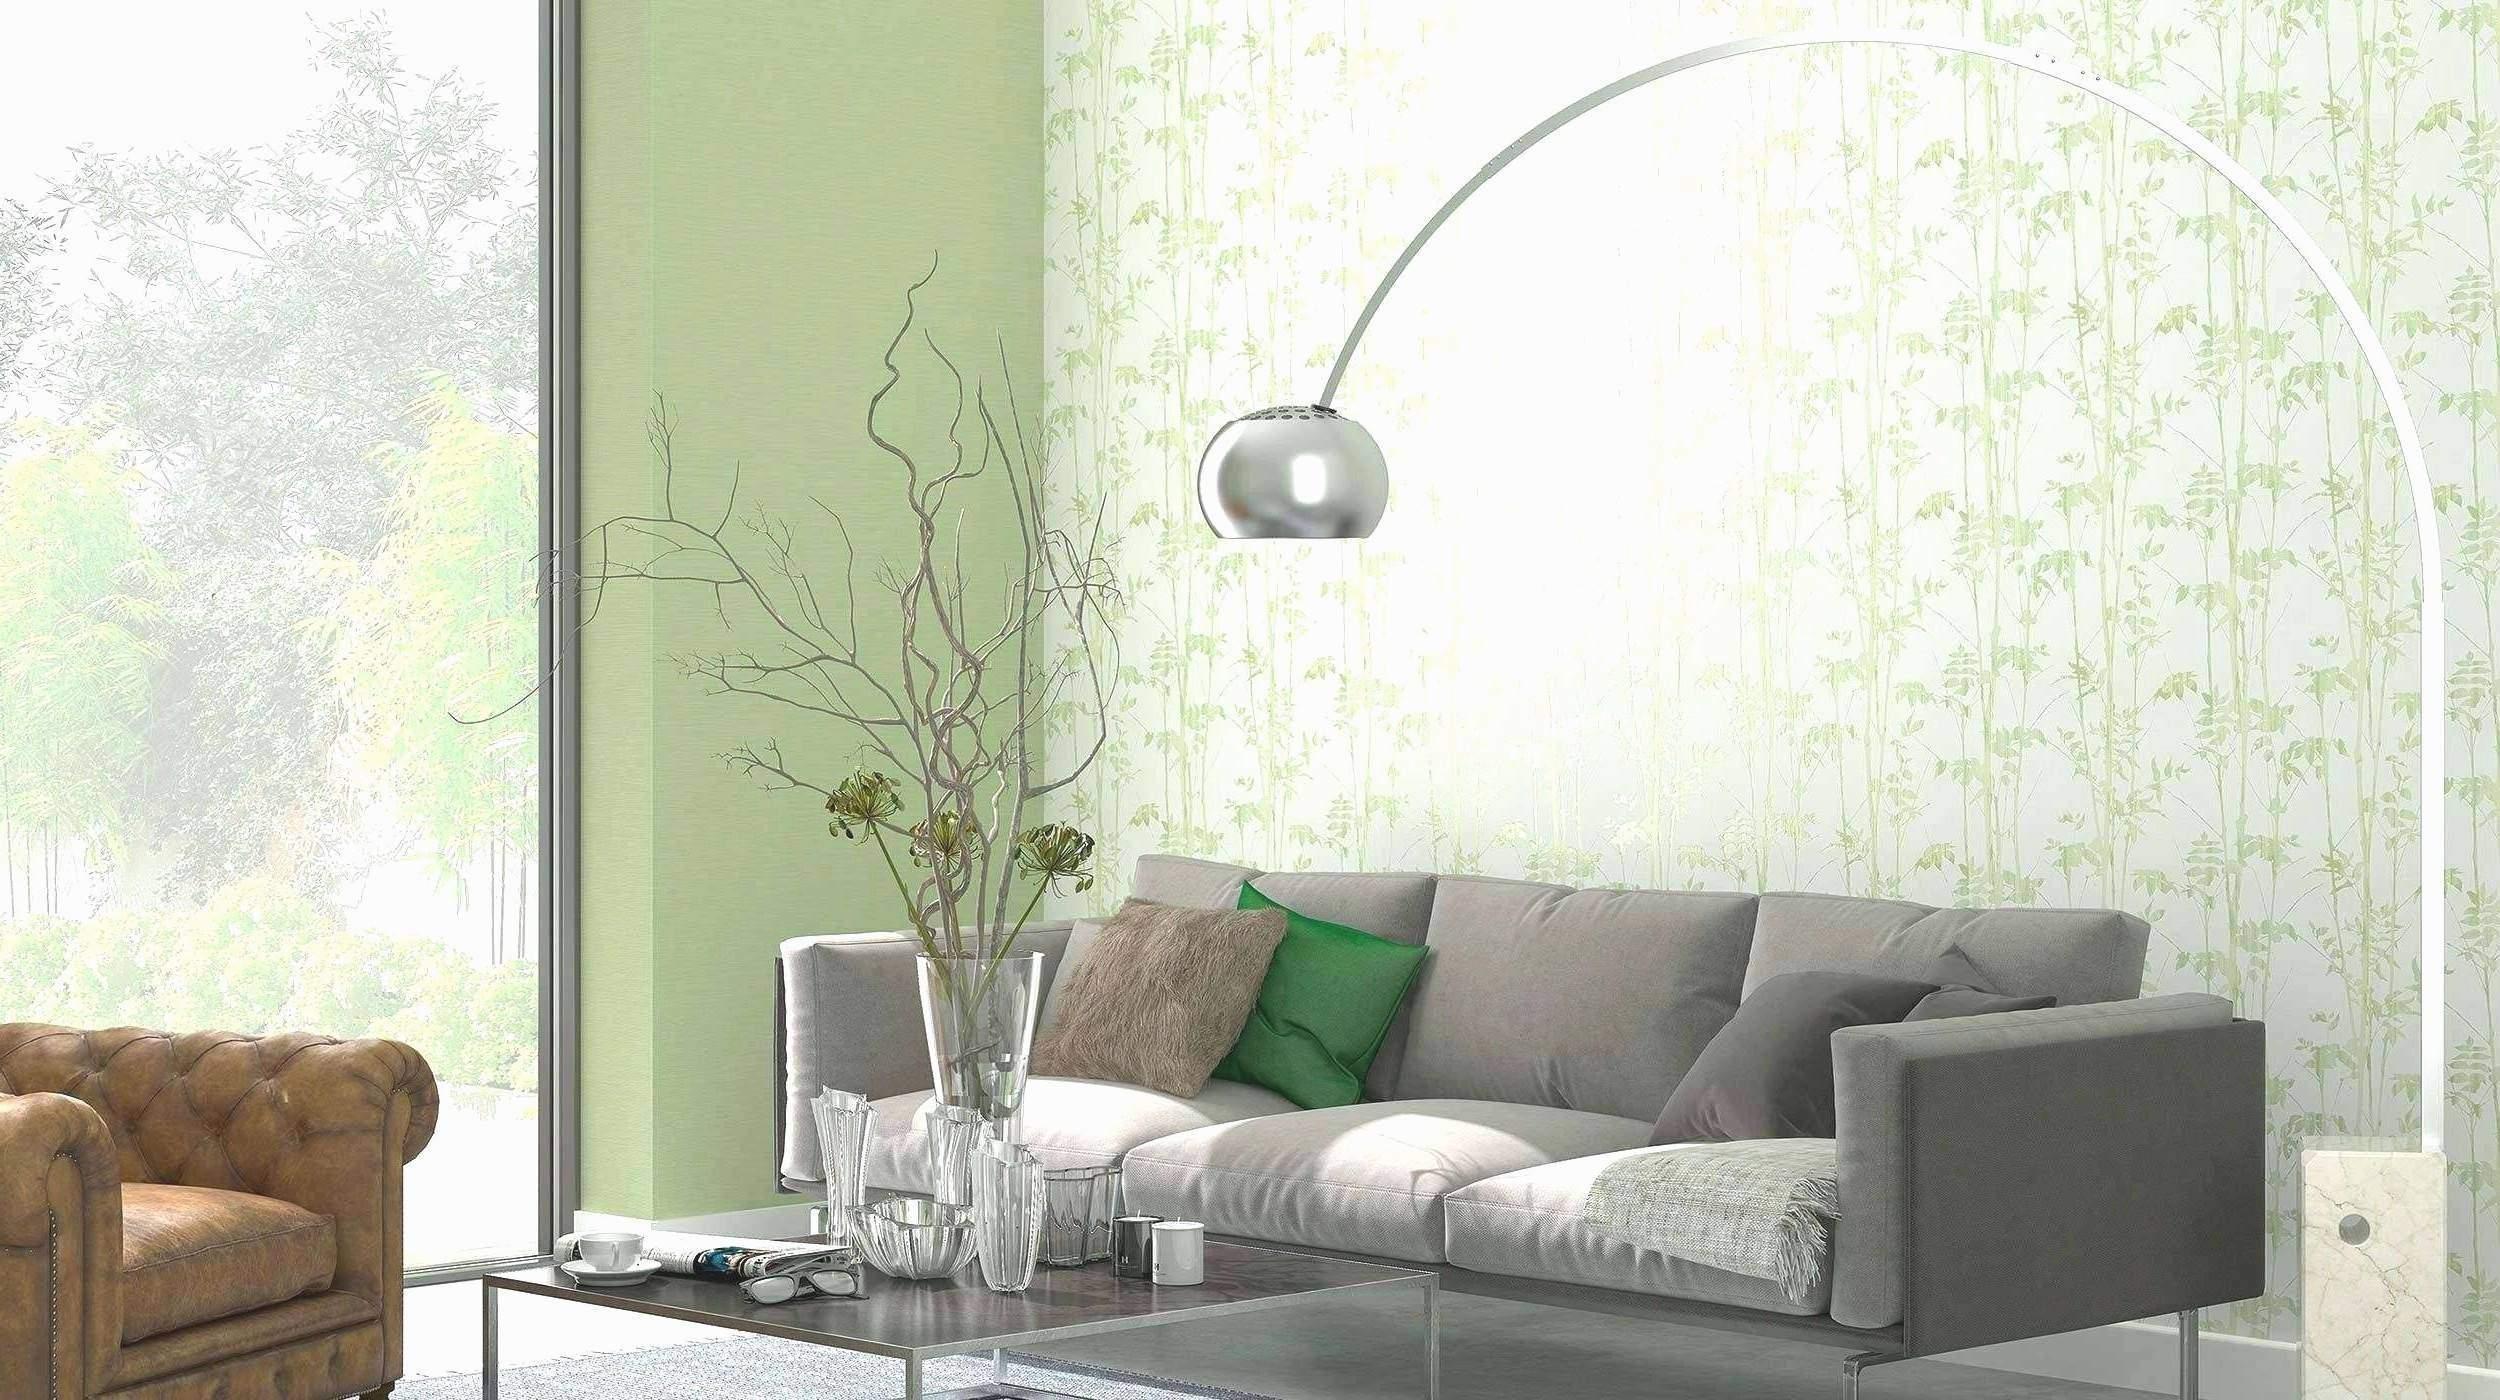 dekoration wohnzimmer regal einzigartig regal wohnzimmer deko reizend of dekoration wohnzimmer regal